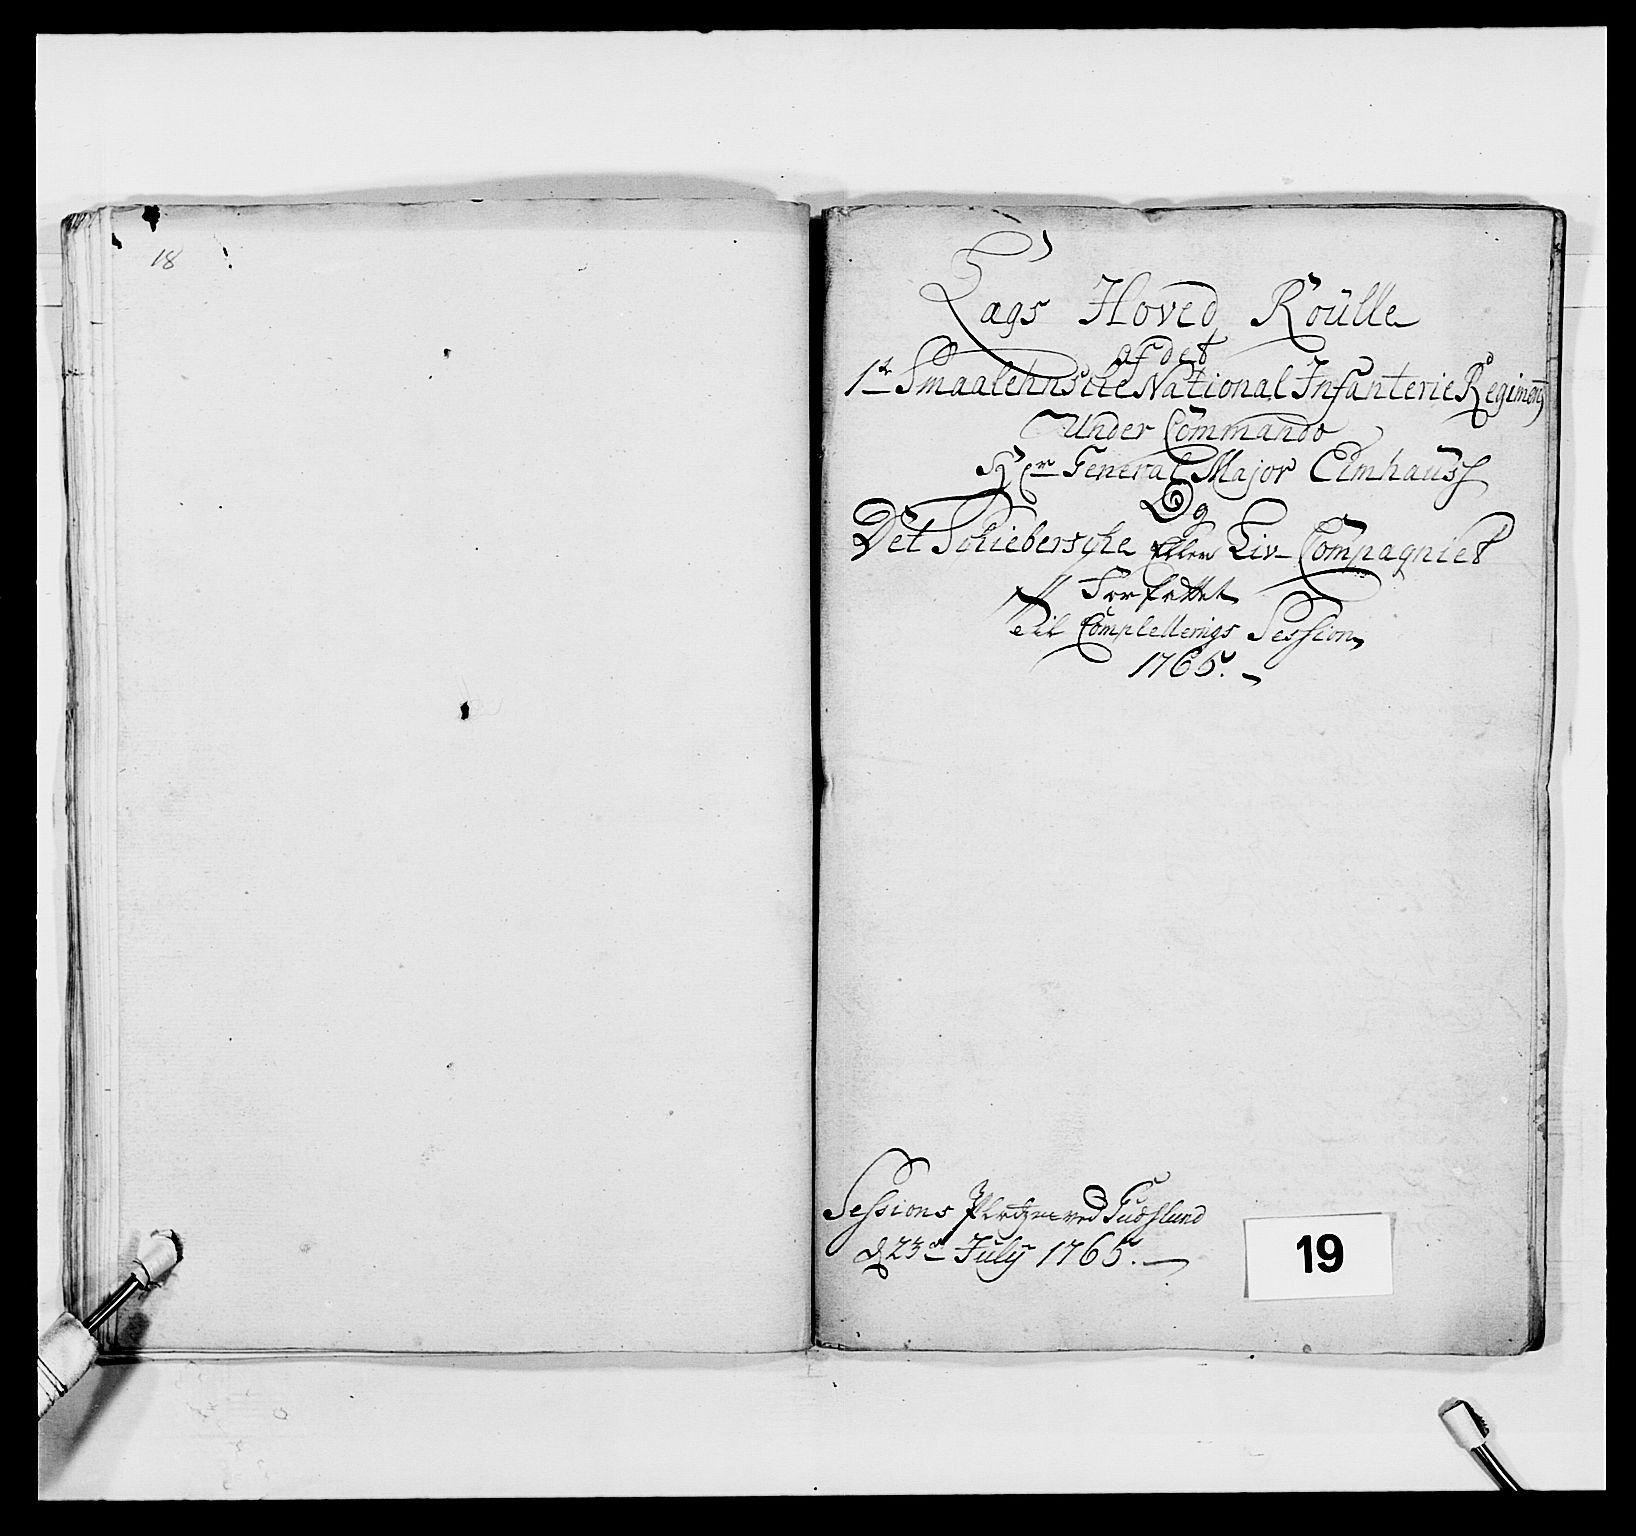 RA, Kommanderende general (KG I) med Det norske krigsdirektorium, E/Ea/L0496: 1. Smålenske regiment, 1765-1767, s. 291